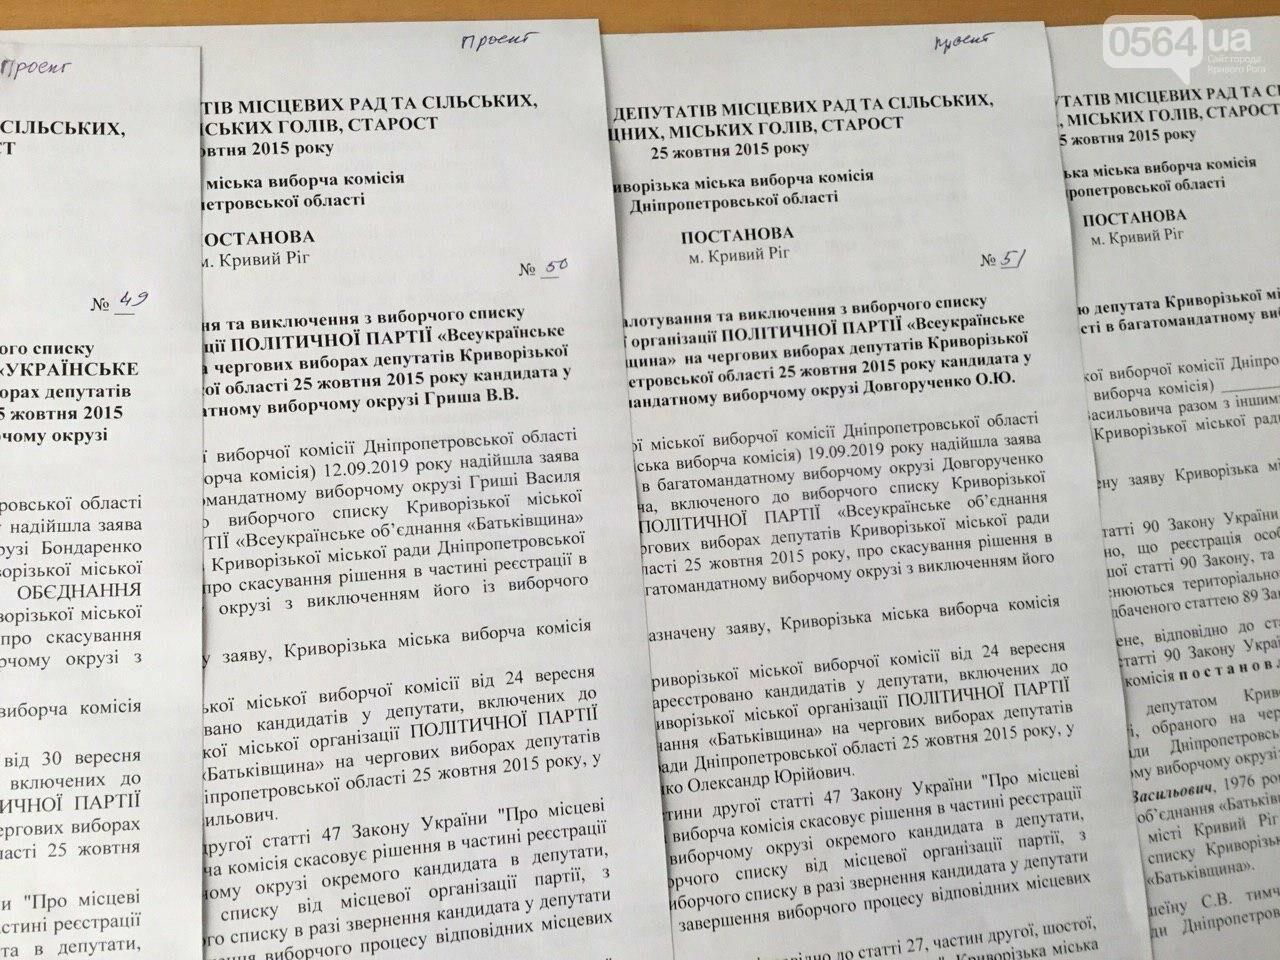 Стало известно, кто зайдет в Криворожский горсовет вместо депутата Михаила Карого, - ФОТО, фото-11